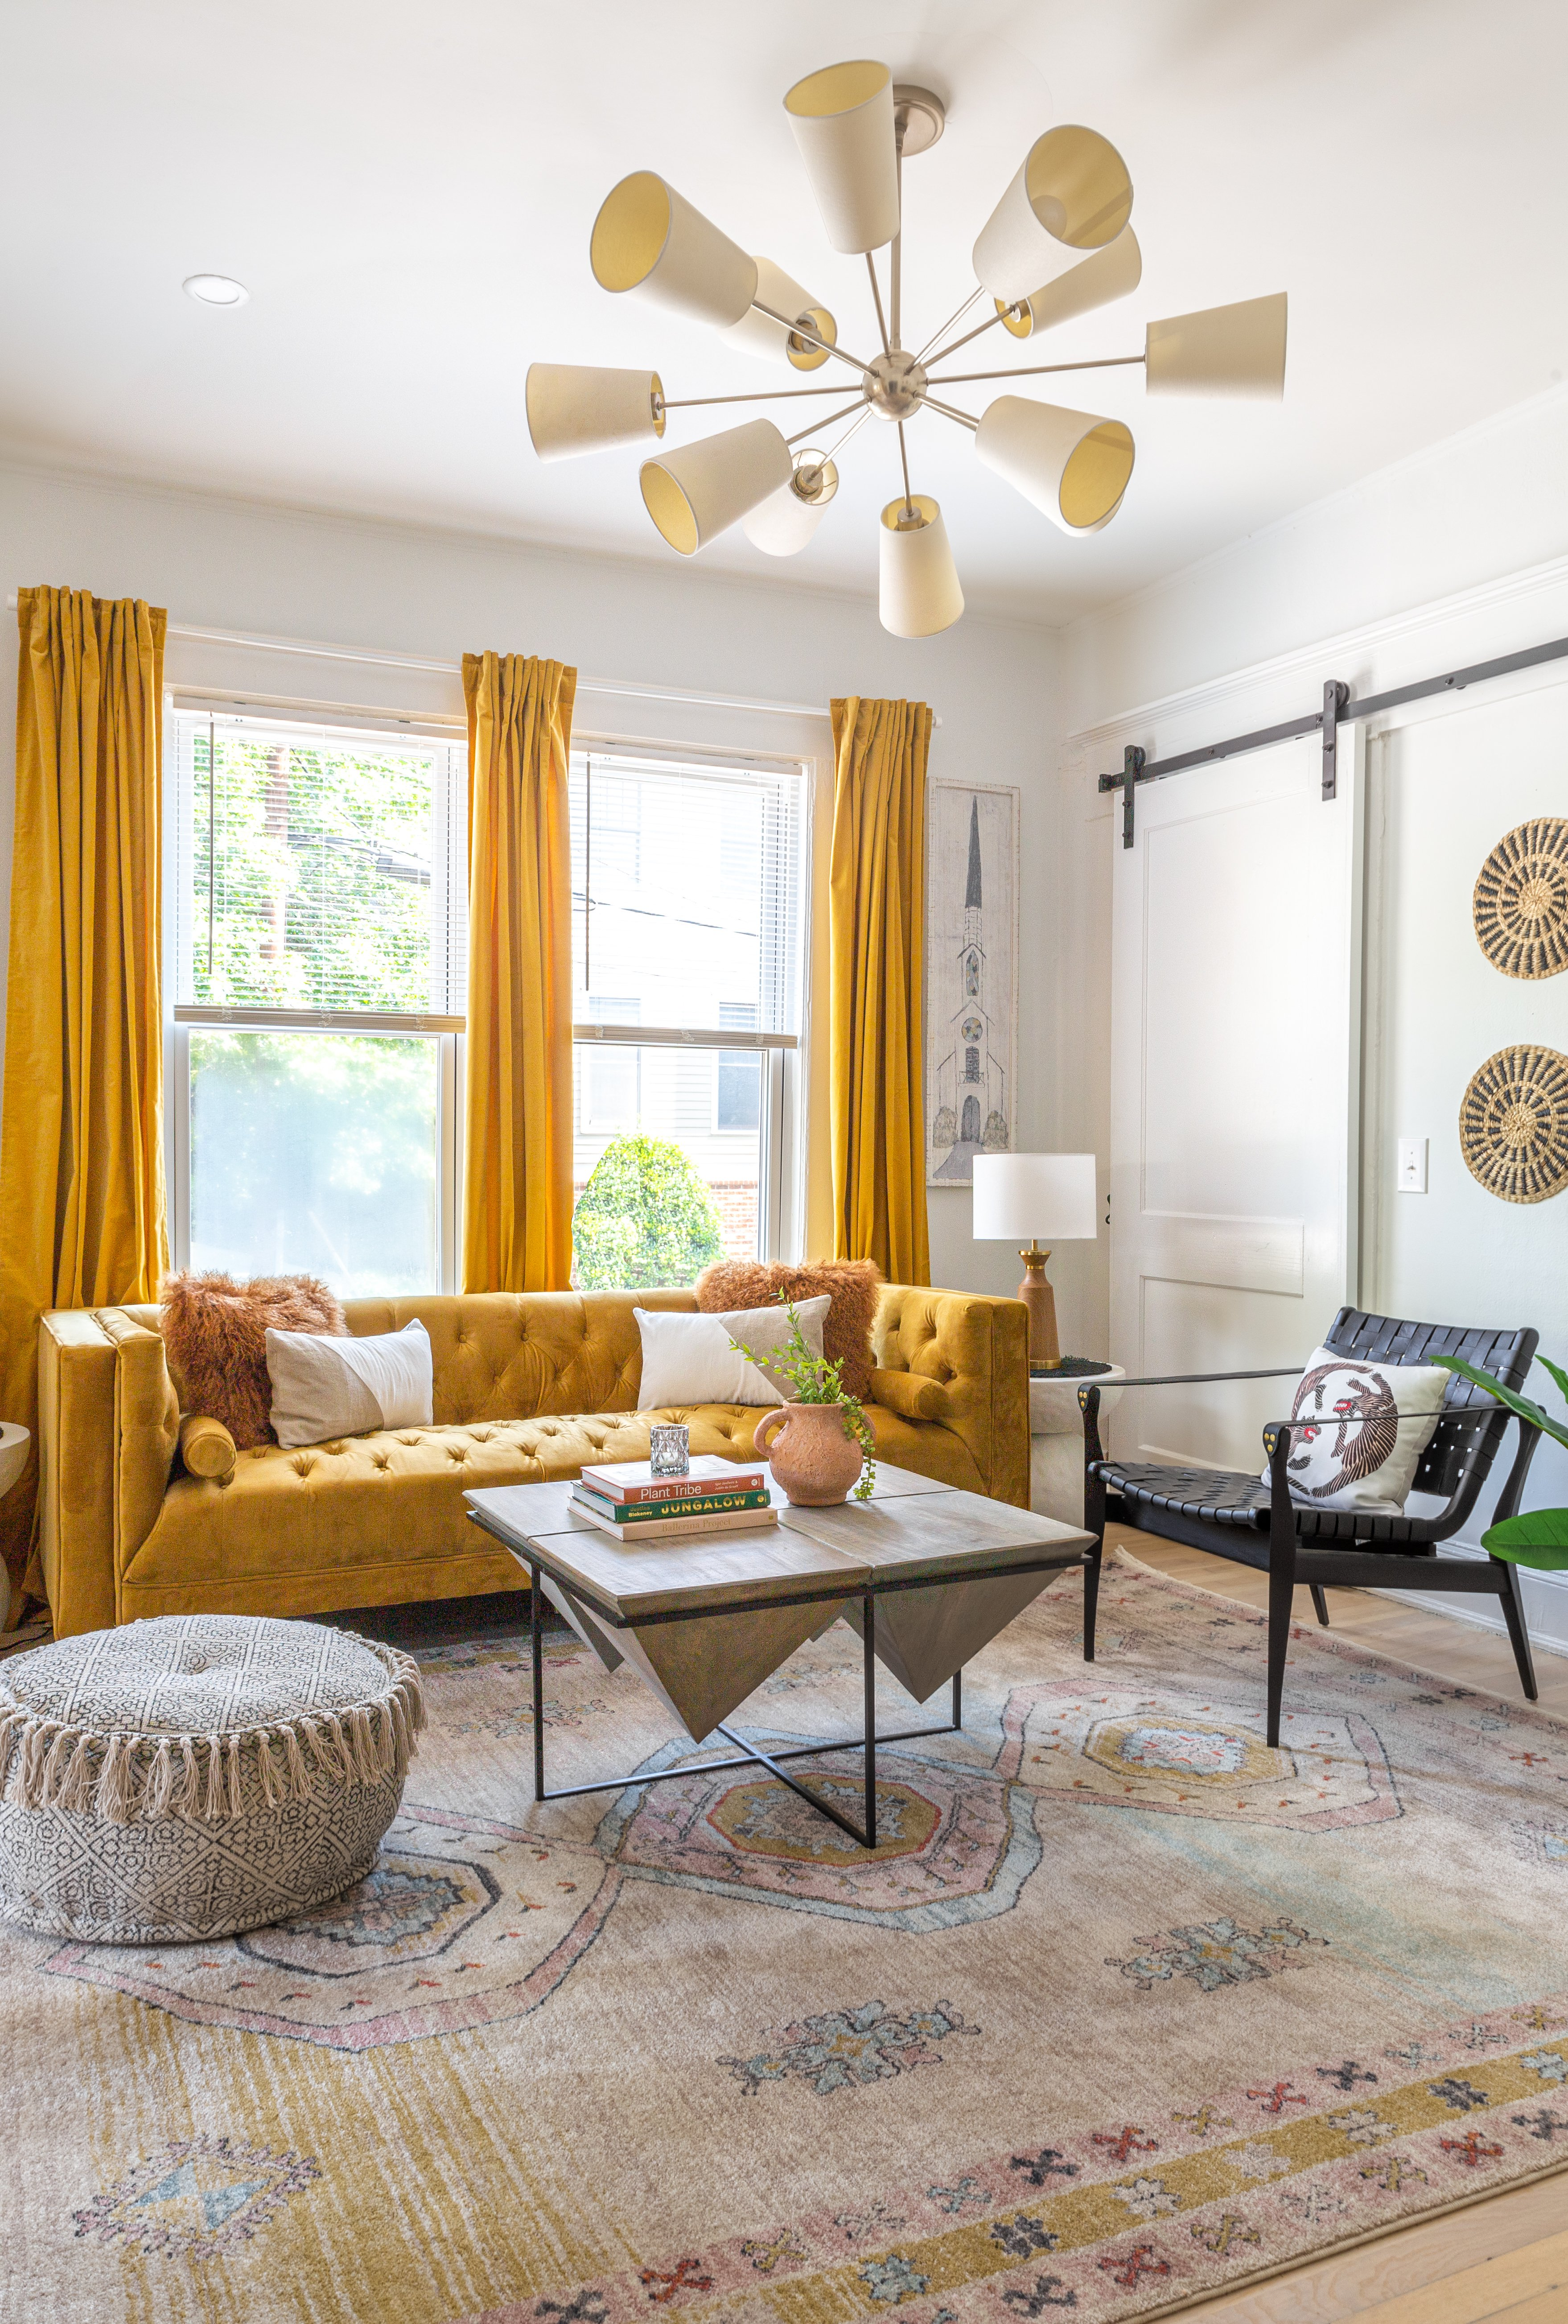 04 livingroom 20210728-IMG_1100-HDR.jpg